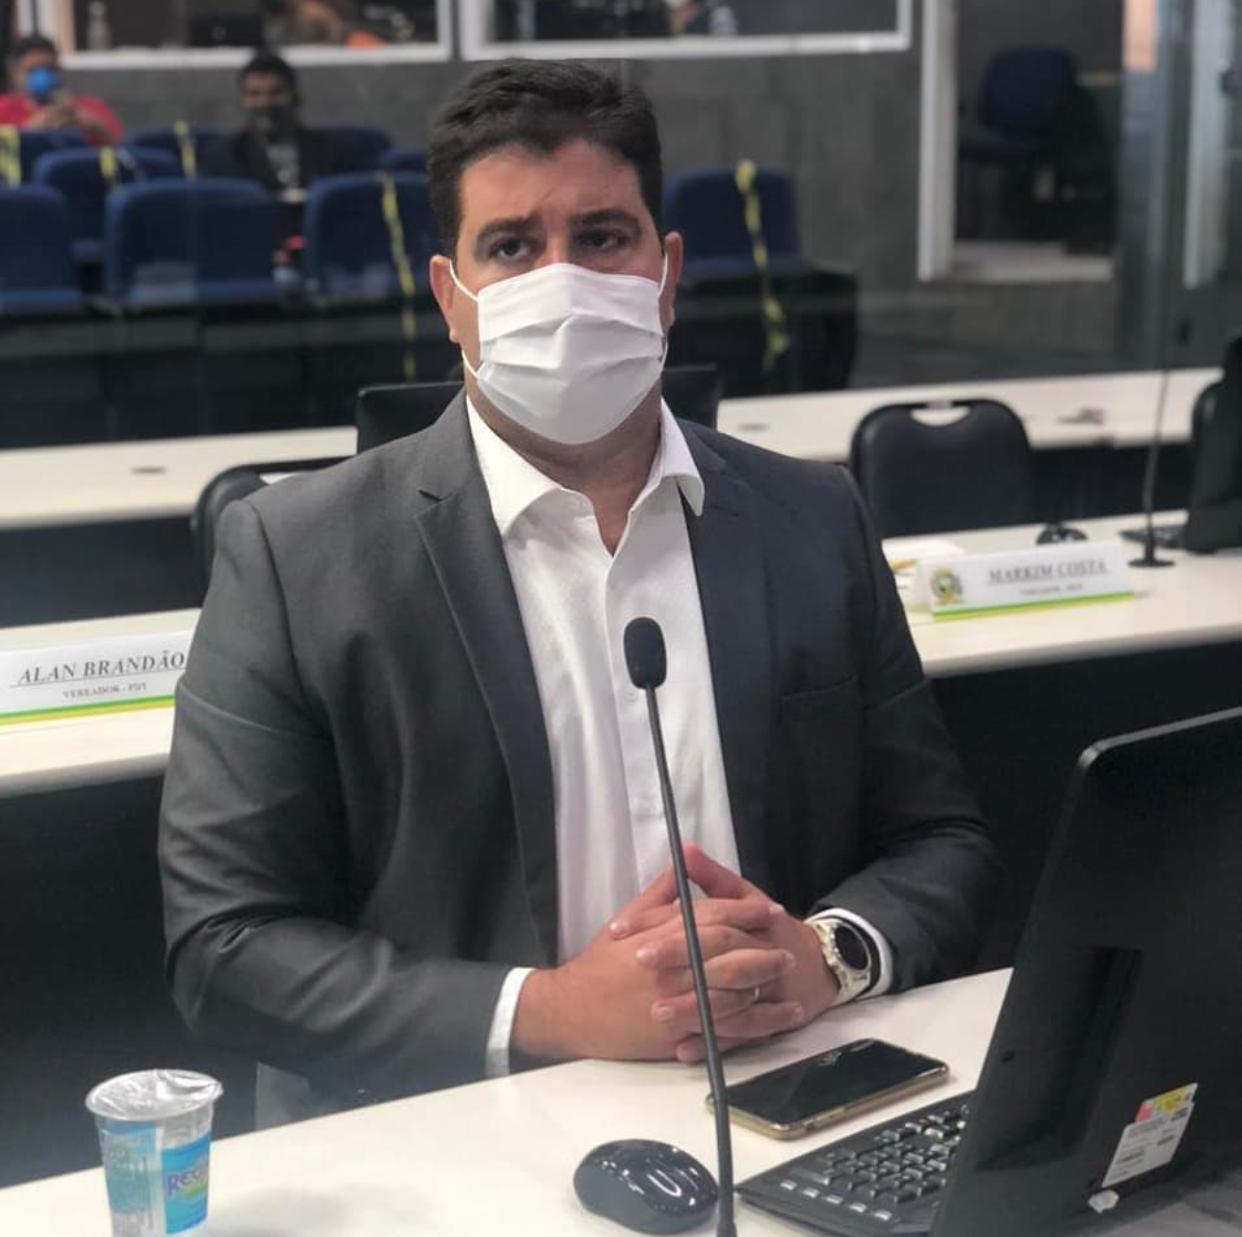 Vereador Luís André diz que decisão só após reforma política (Divulgação)